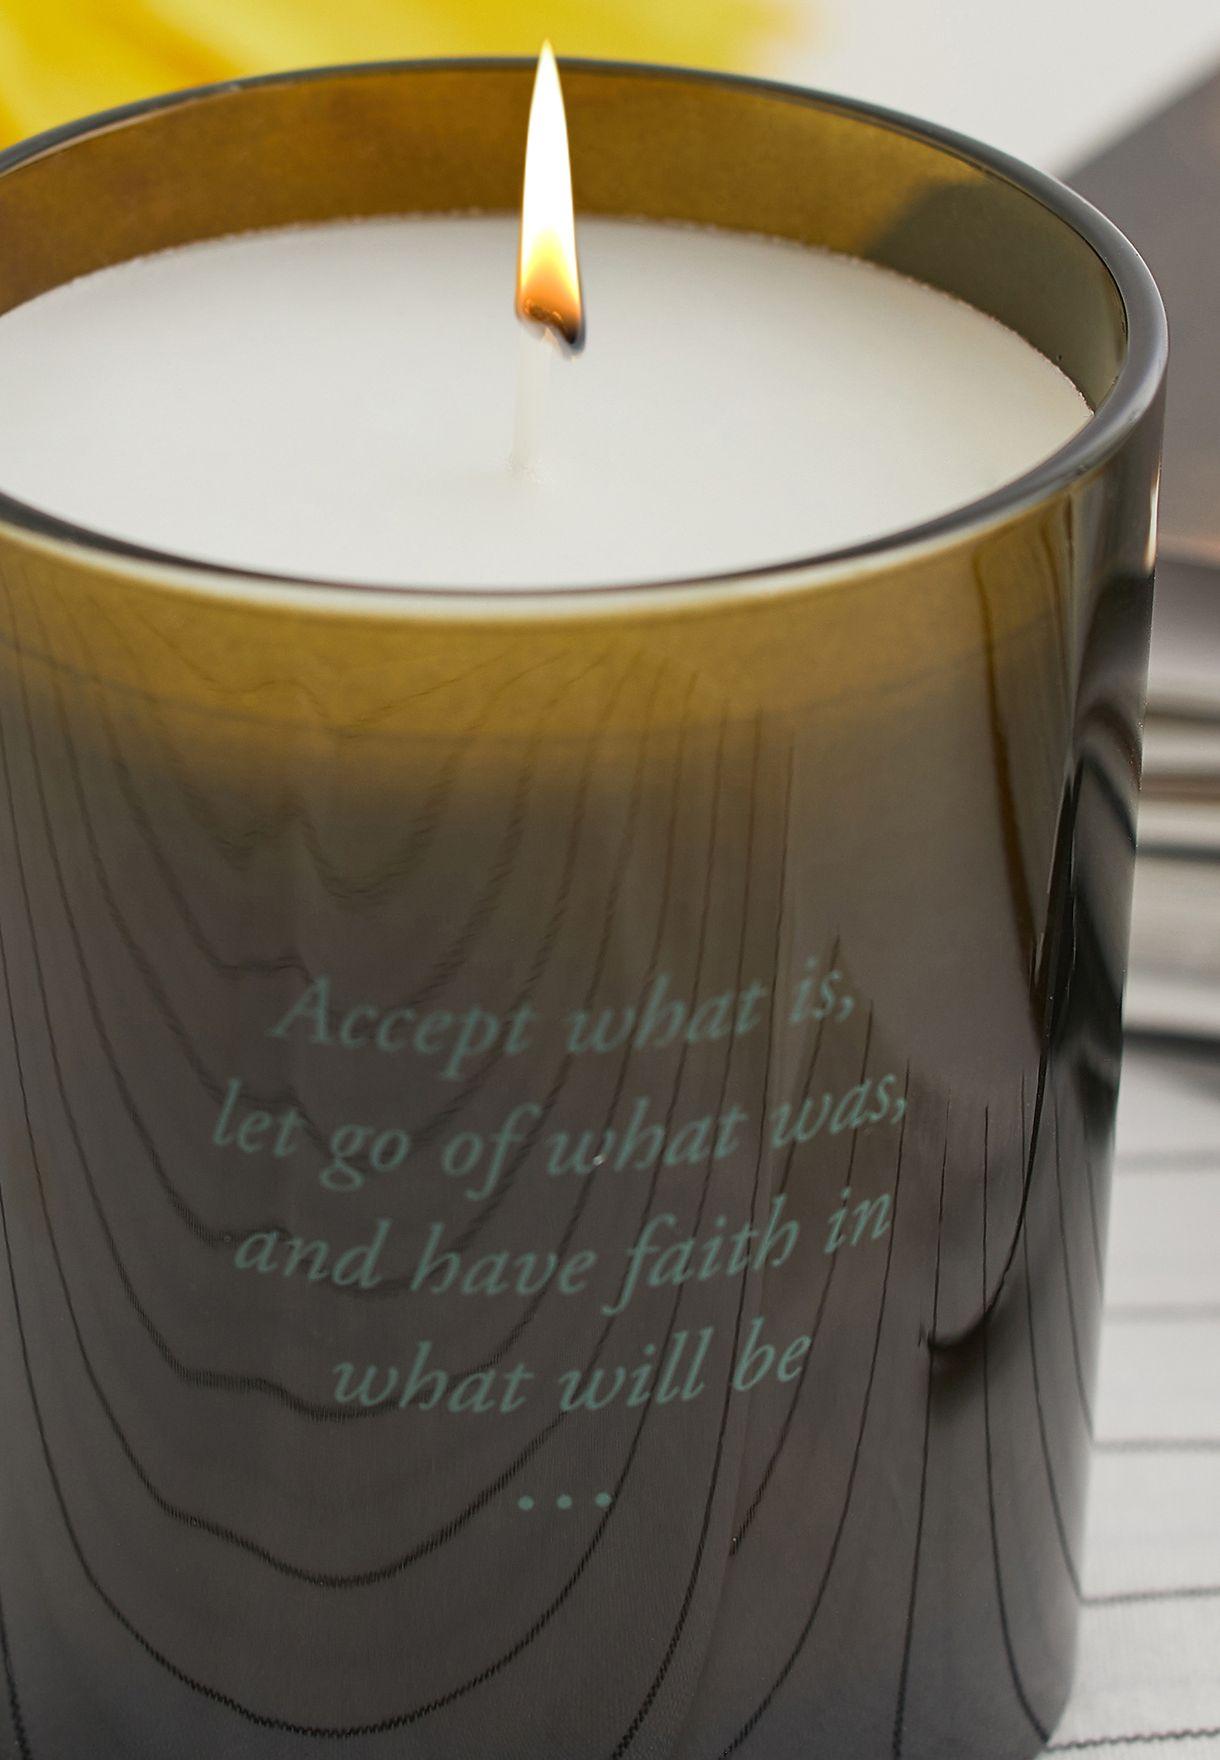 شمعة عطرية - ذا ريتشوال اوف داو